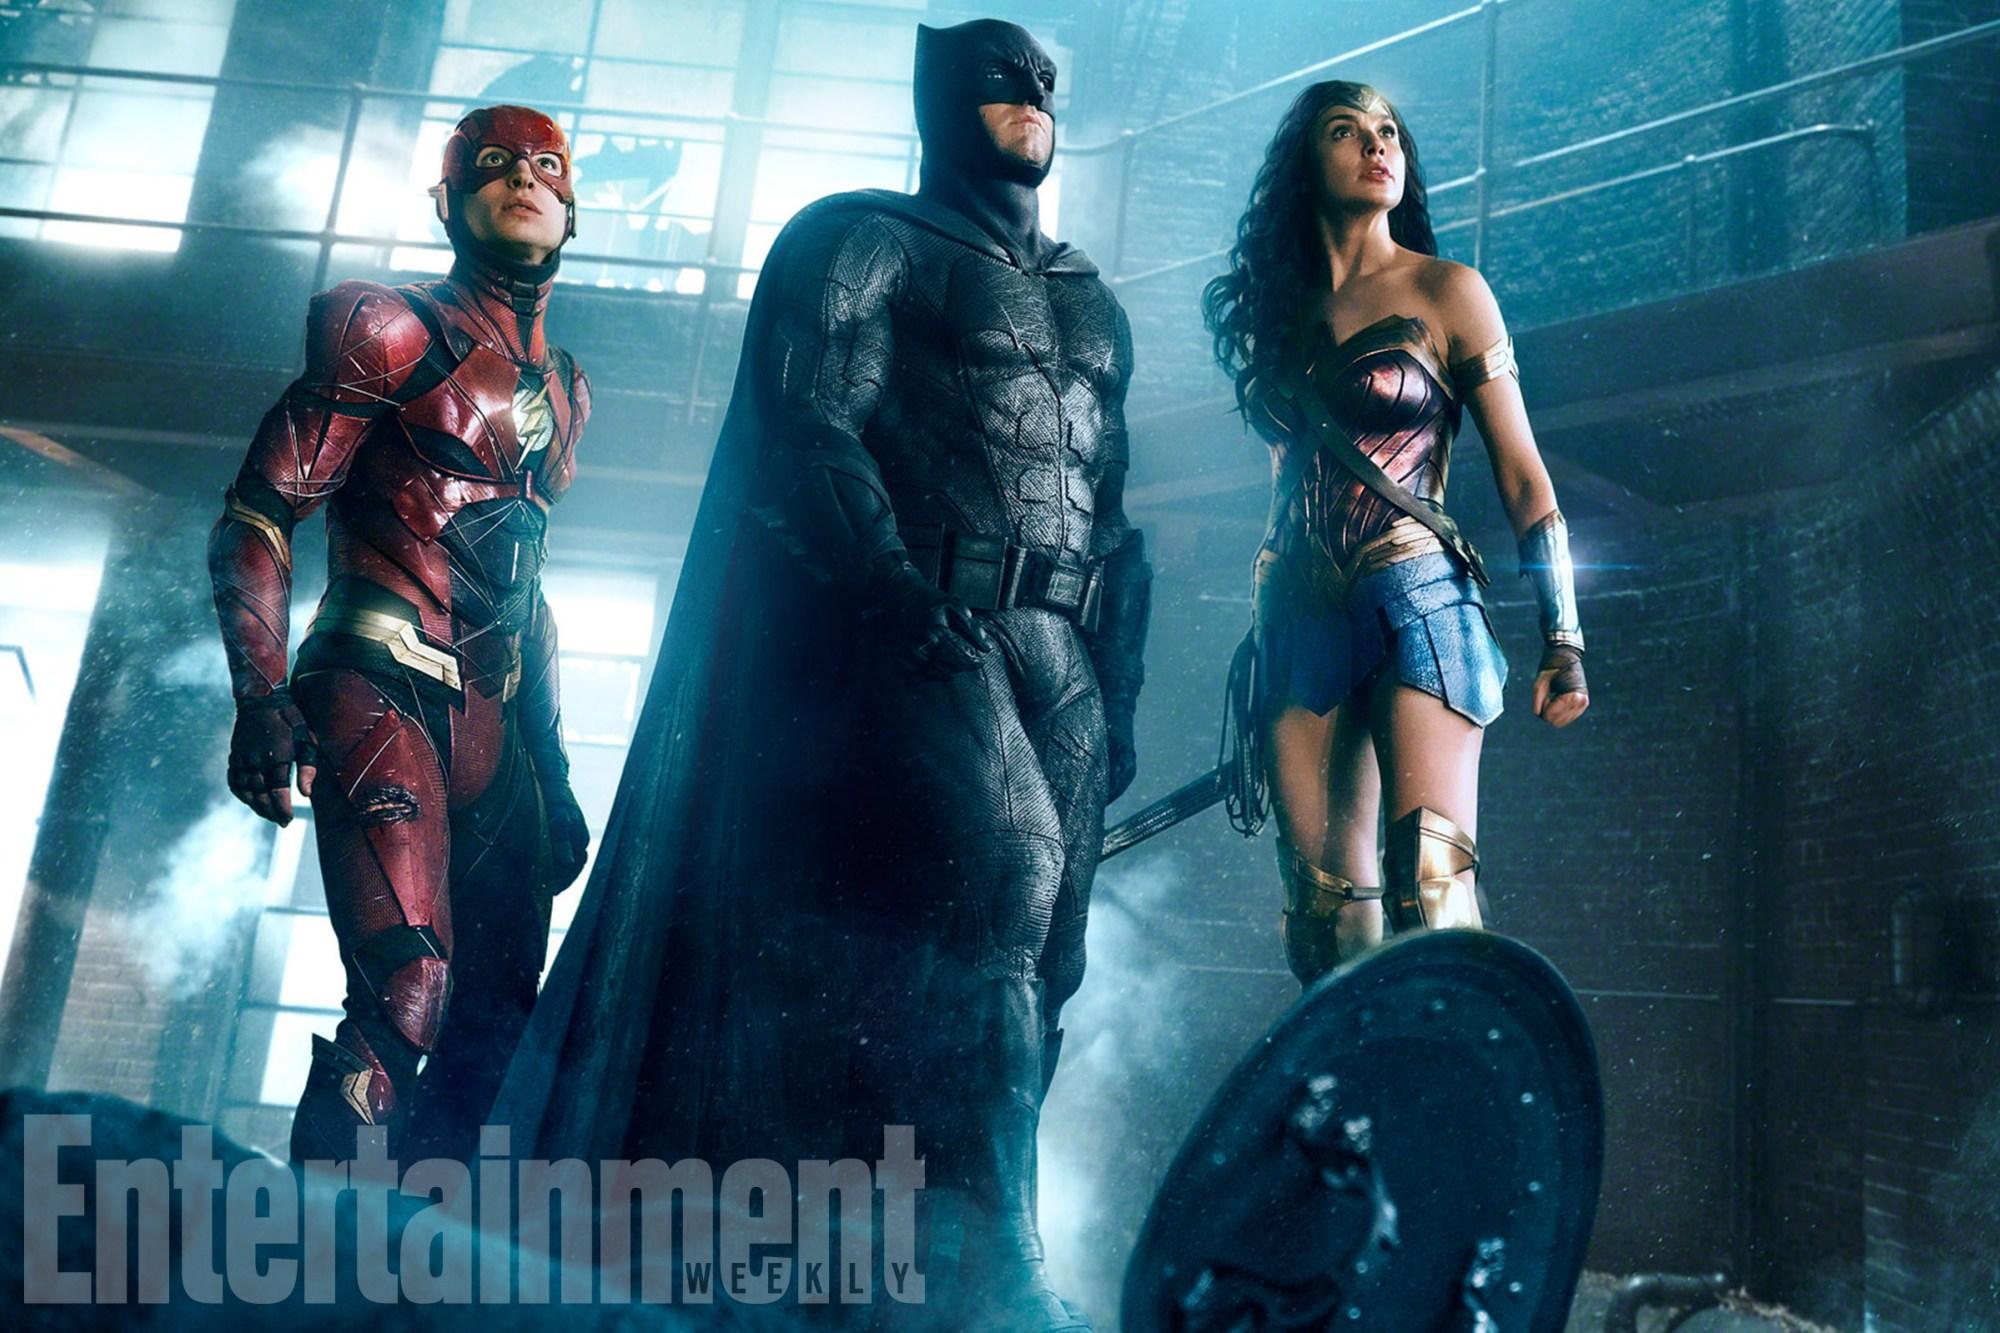 Zdjęcie z filmu Liga Sprawiedliwości - Batman, Flash i Wonder Woman